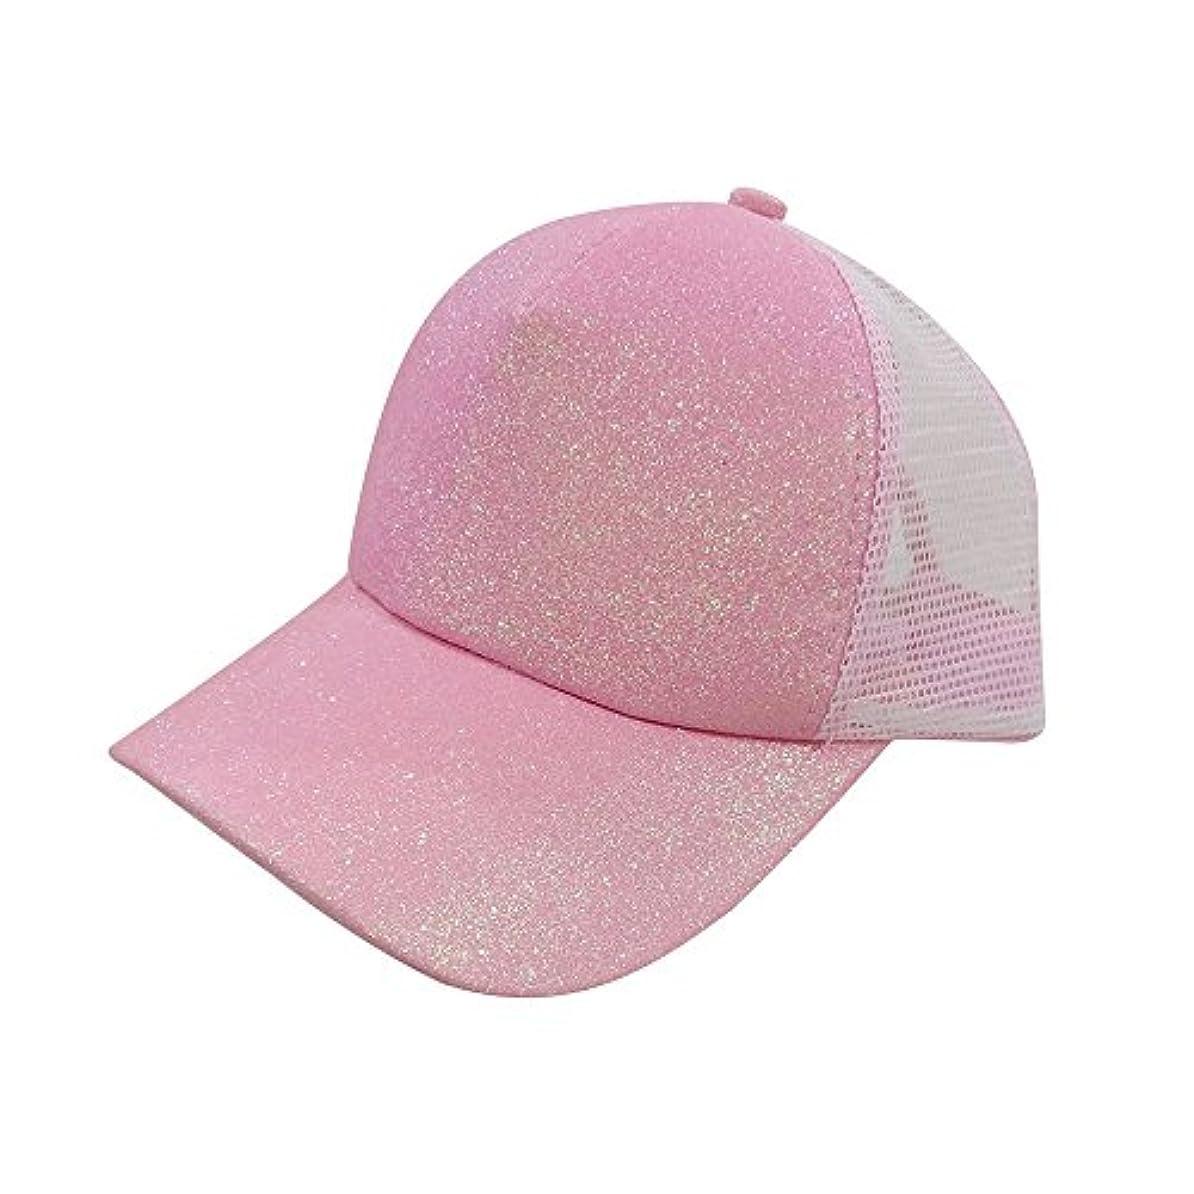 厚くするデジタルボクシングRacazing Cap スパンコール 無地 メッシュ 野球帽 通気性のある ヒップホップ 帽子 夏 登山 可調整可能 棒球帽 男女兼用 UV 帽子 軽量 屋外 Unisex Cap (ピンク)